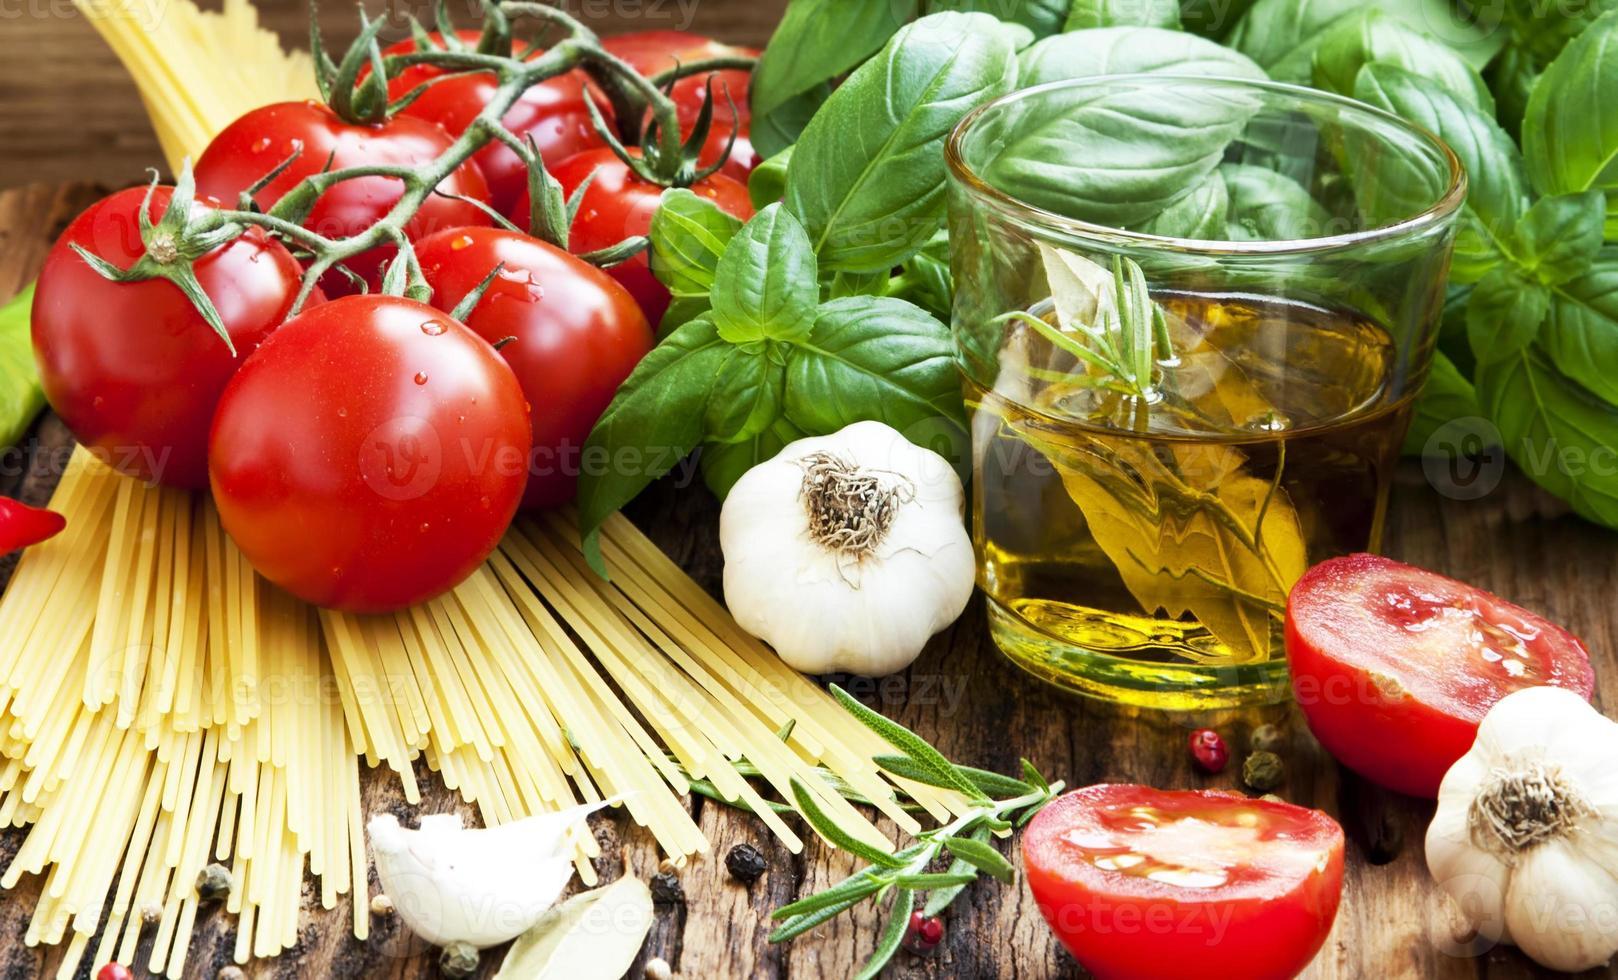 ingredientes de cocina italiana, espagueti, tomate, aceite de oliva y bas foto